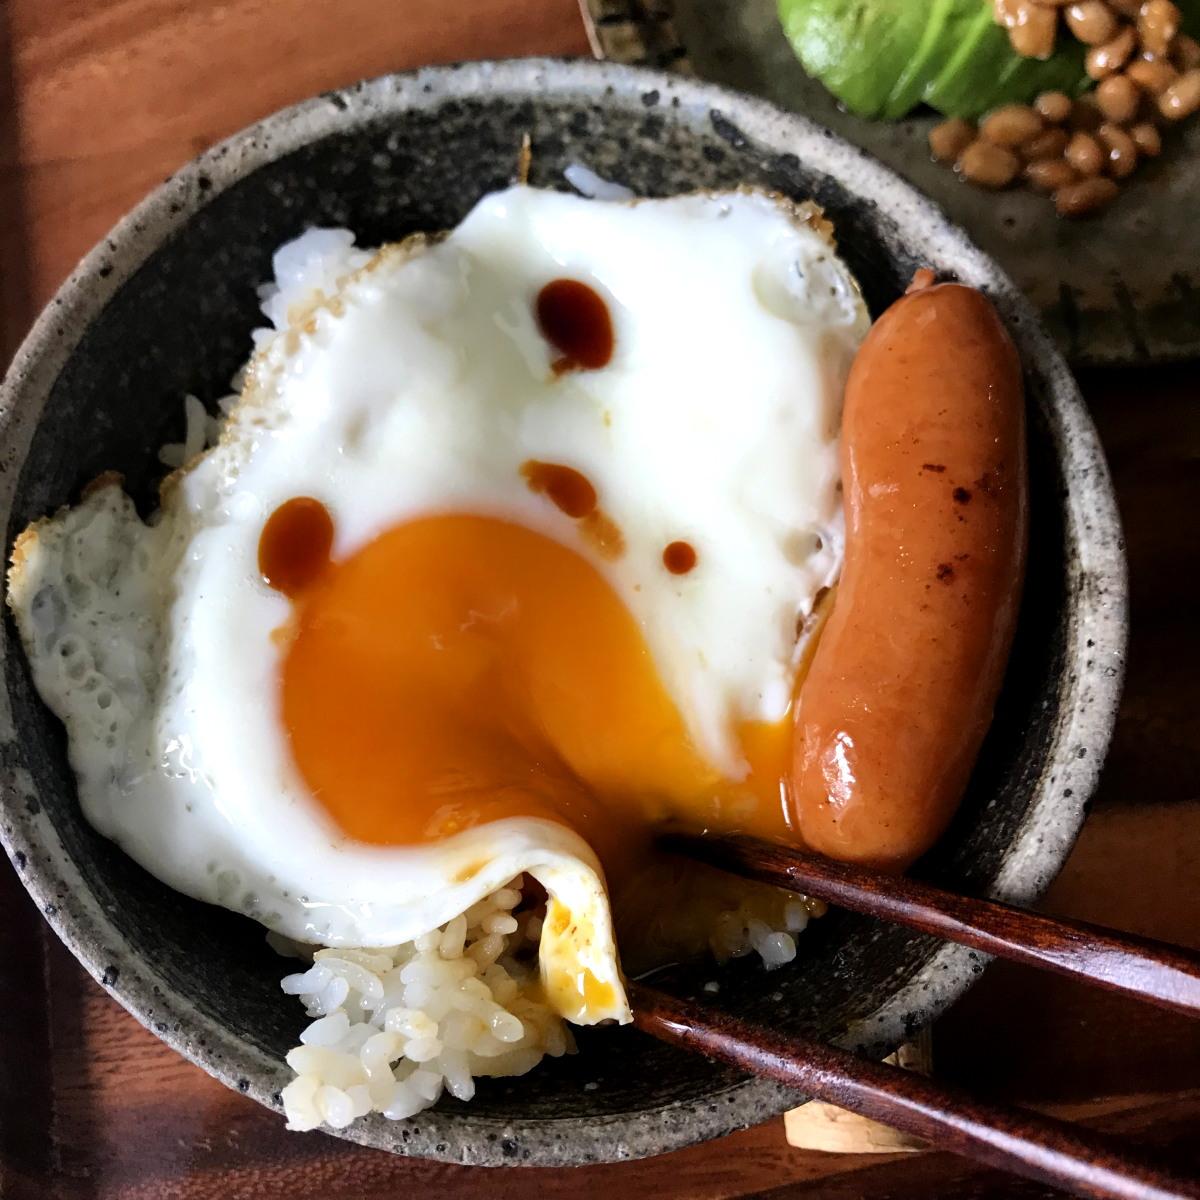 ゆるゆる目玉焼き丼、豚汁、アボカド納豆で朝ごはん/山本ゆり